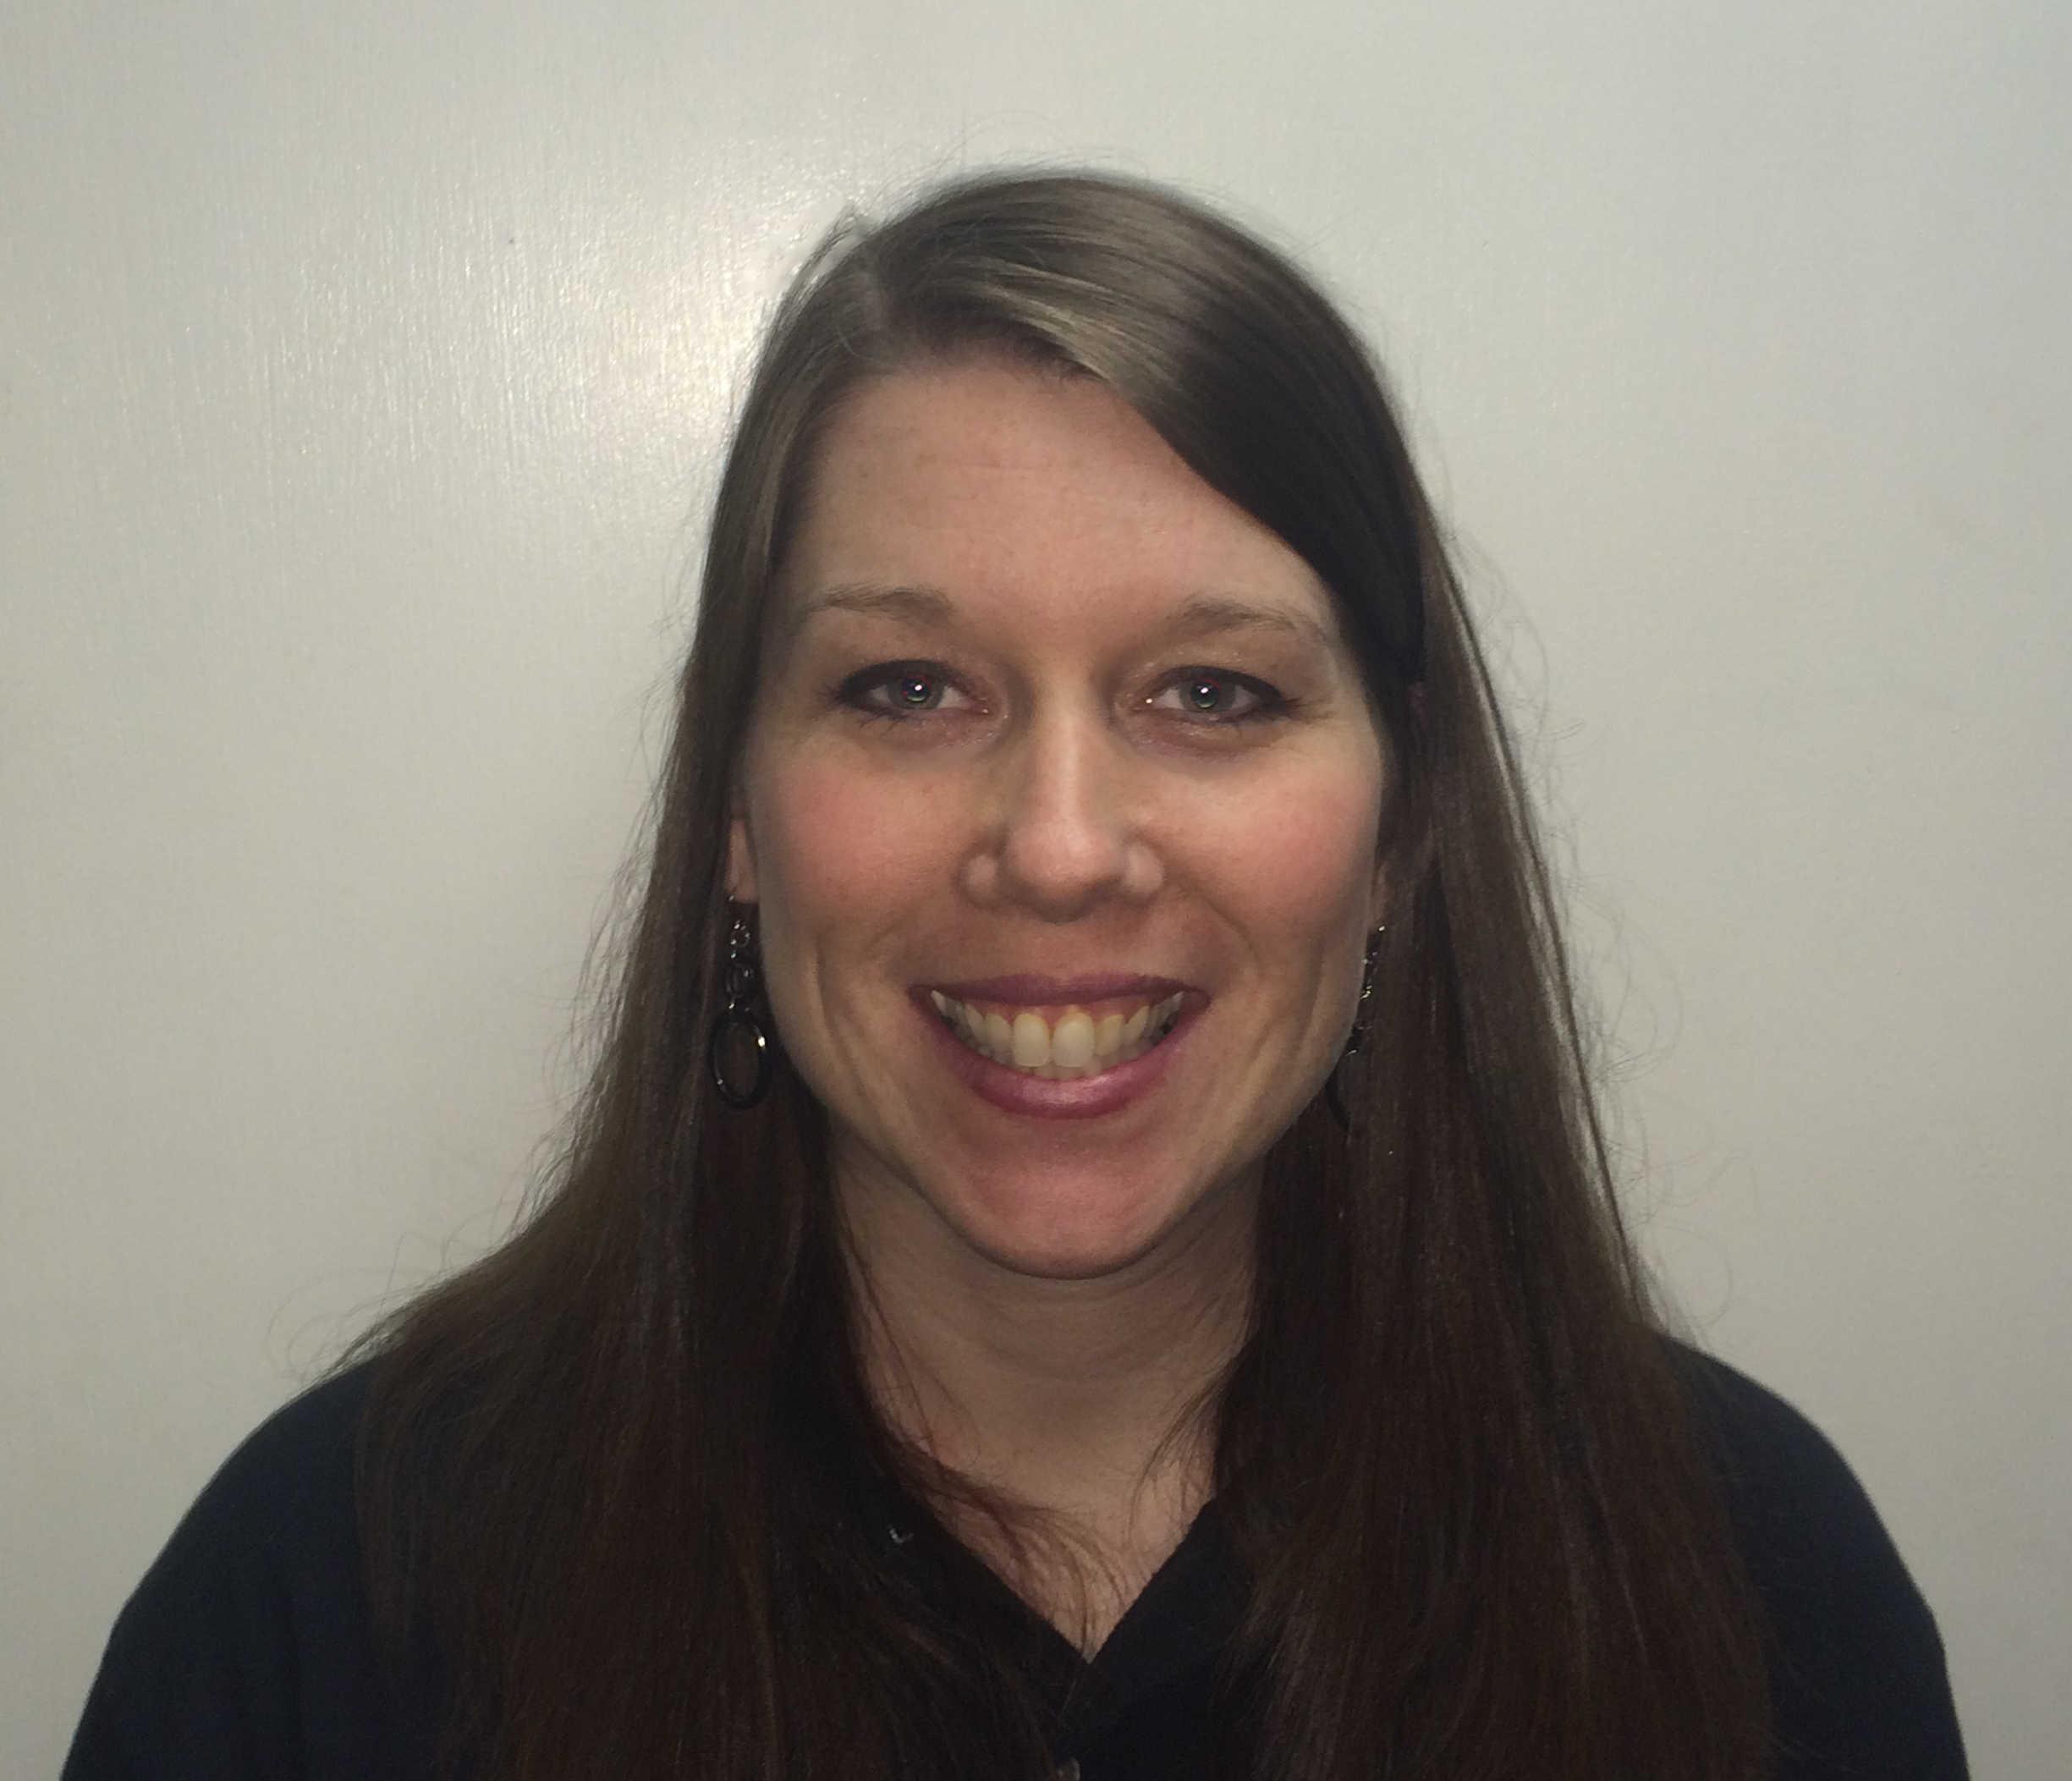 Megan Dodson